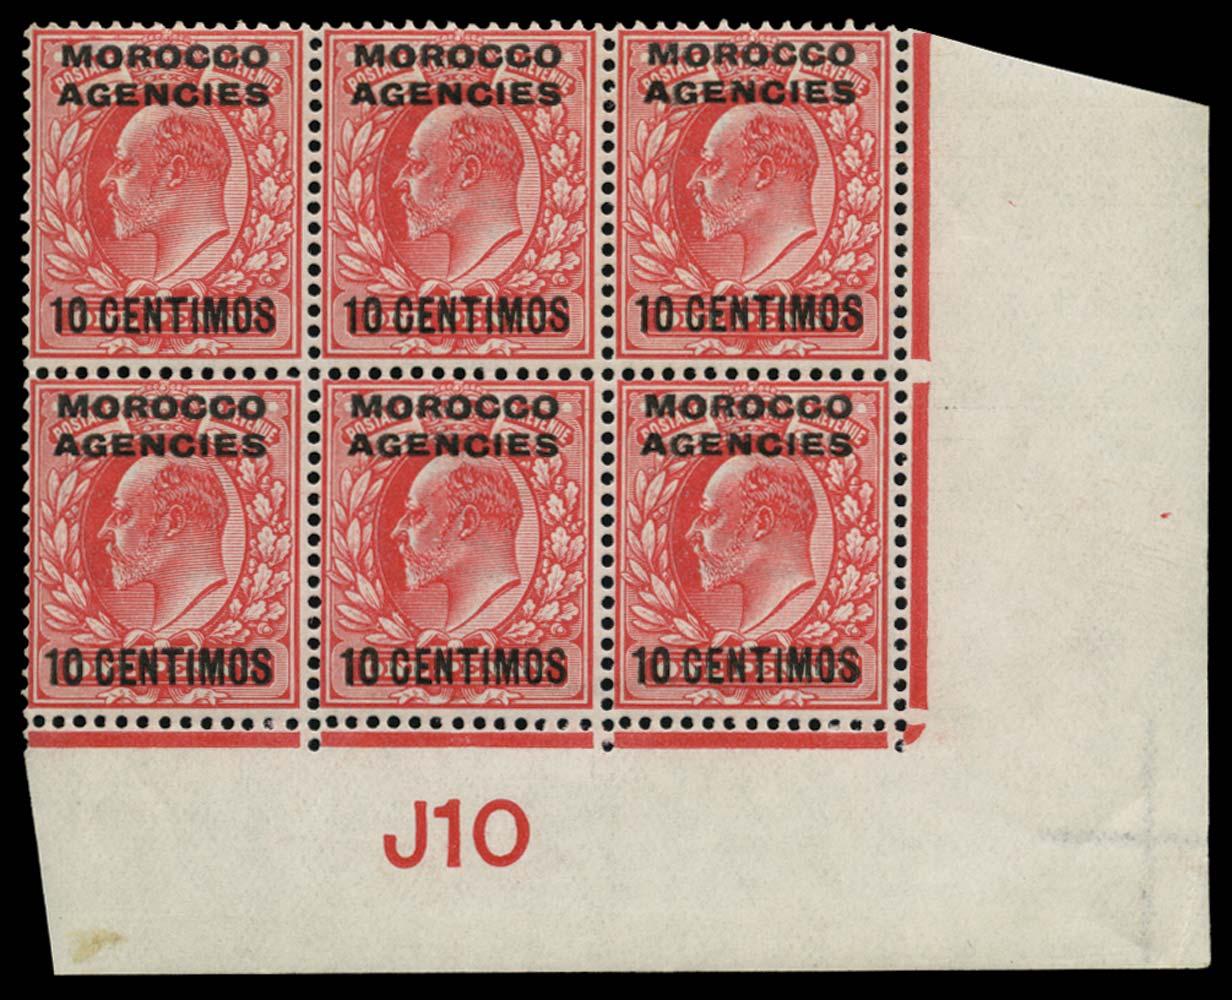 MOROCCO AGENCIES 1907  SG113a Mint